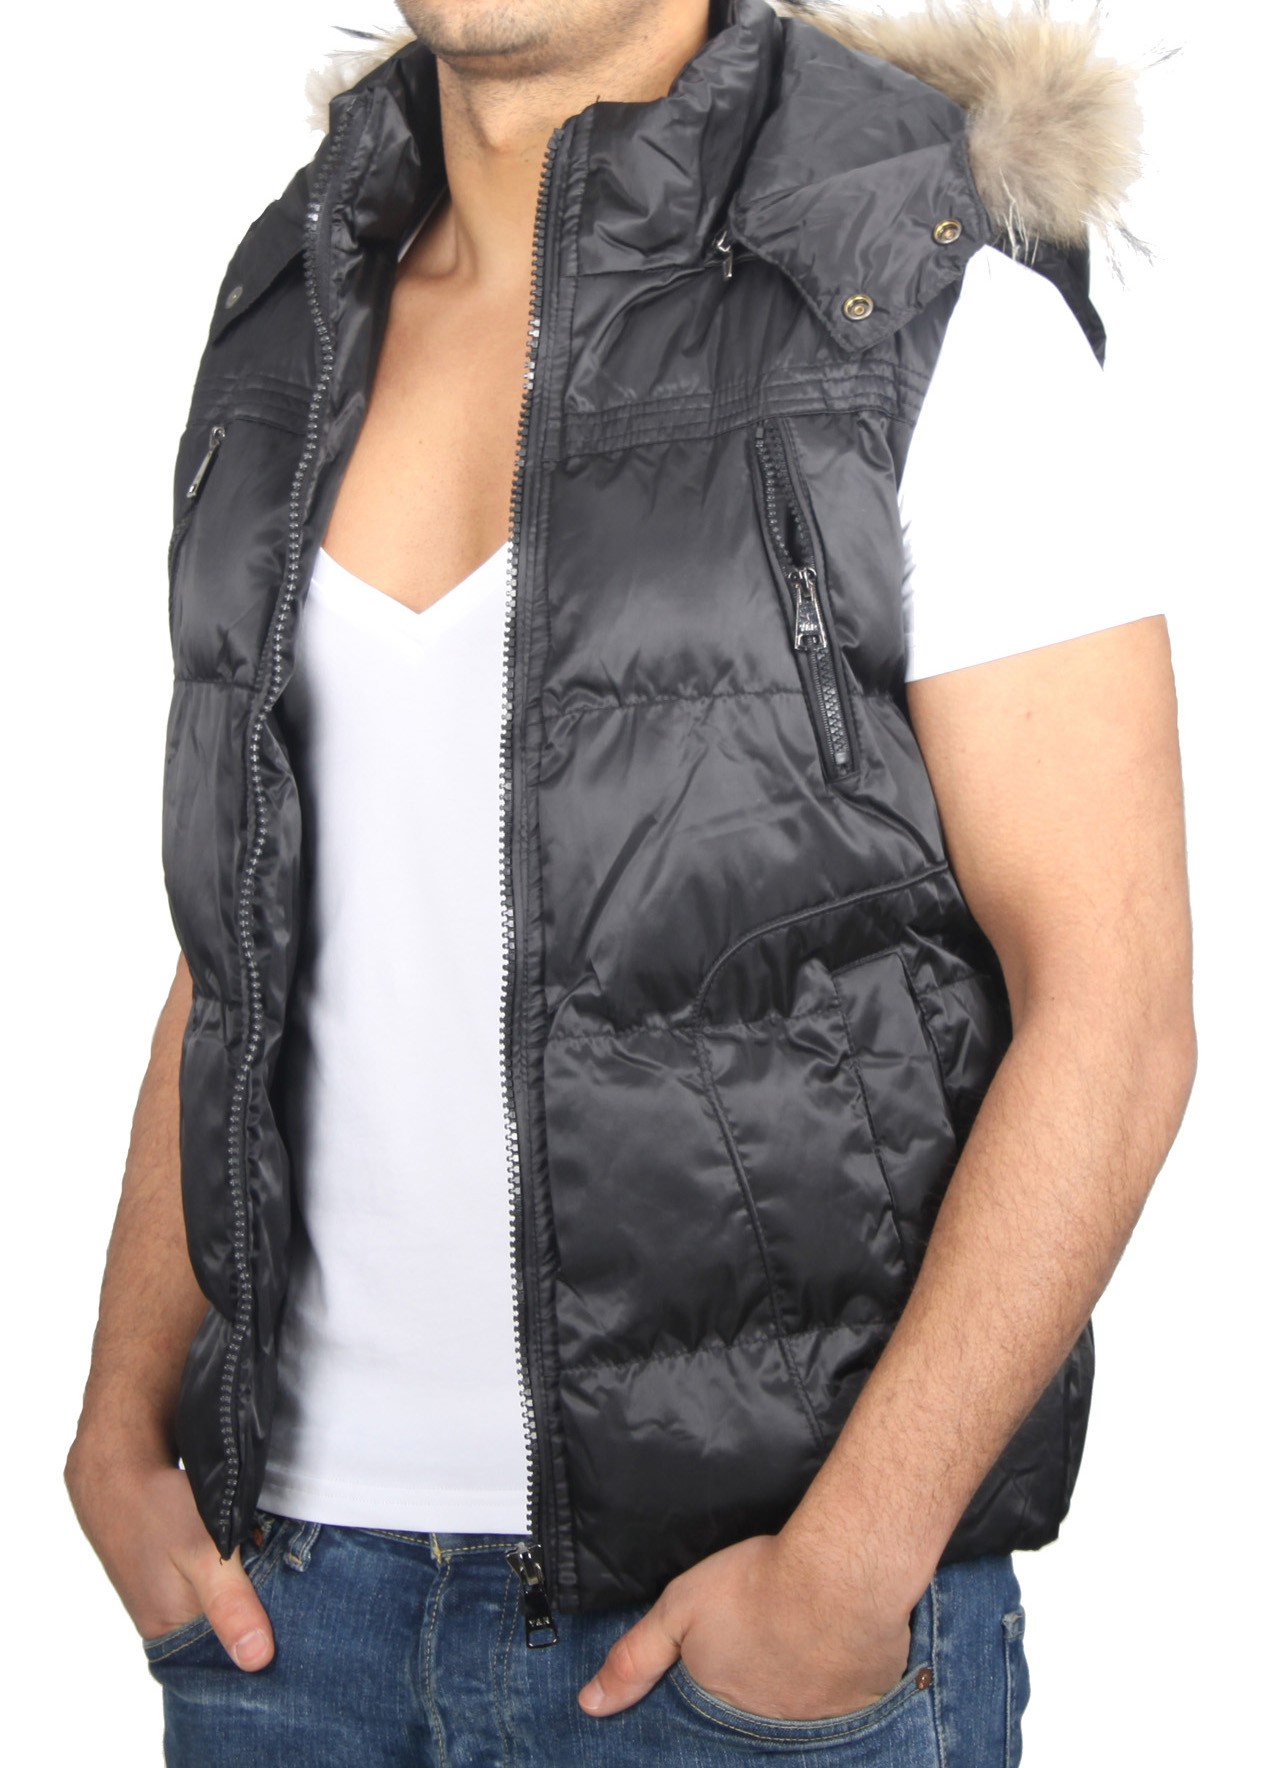 Vesta Barbati Young & Rich Neagra 8985